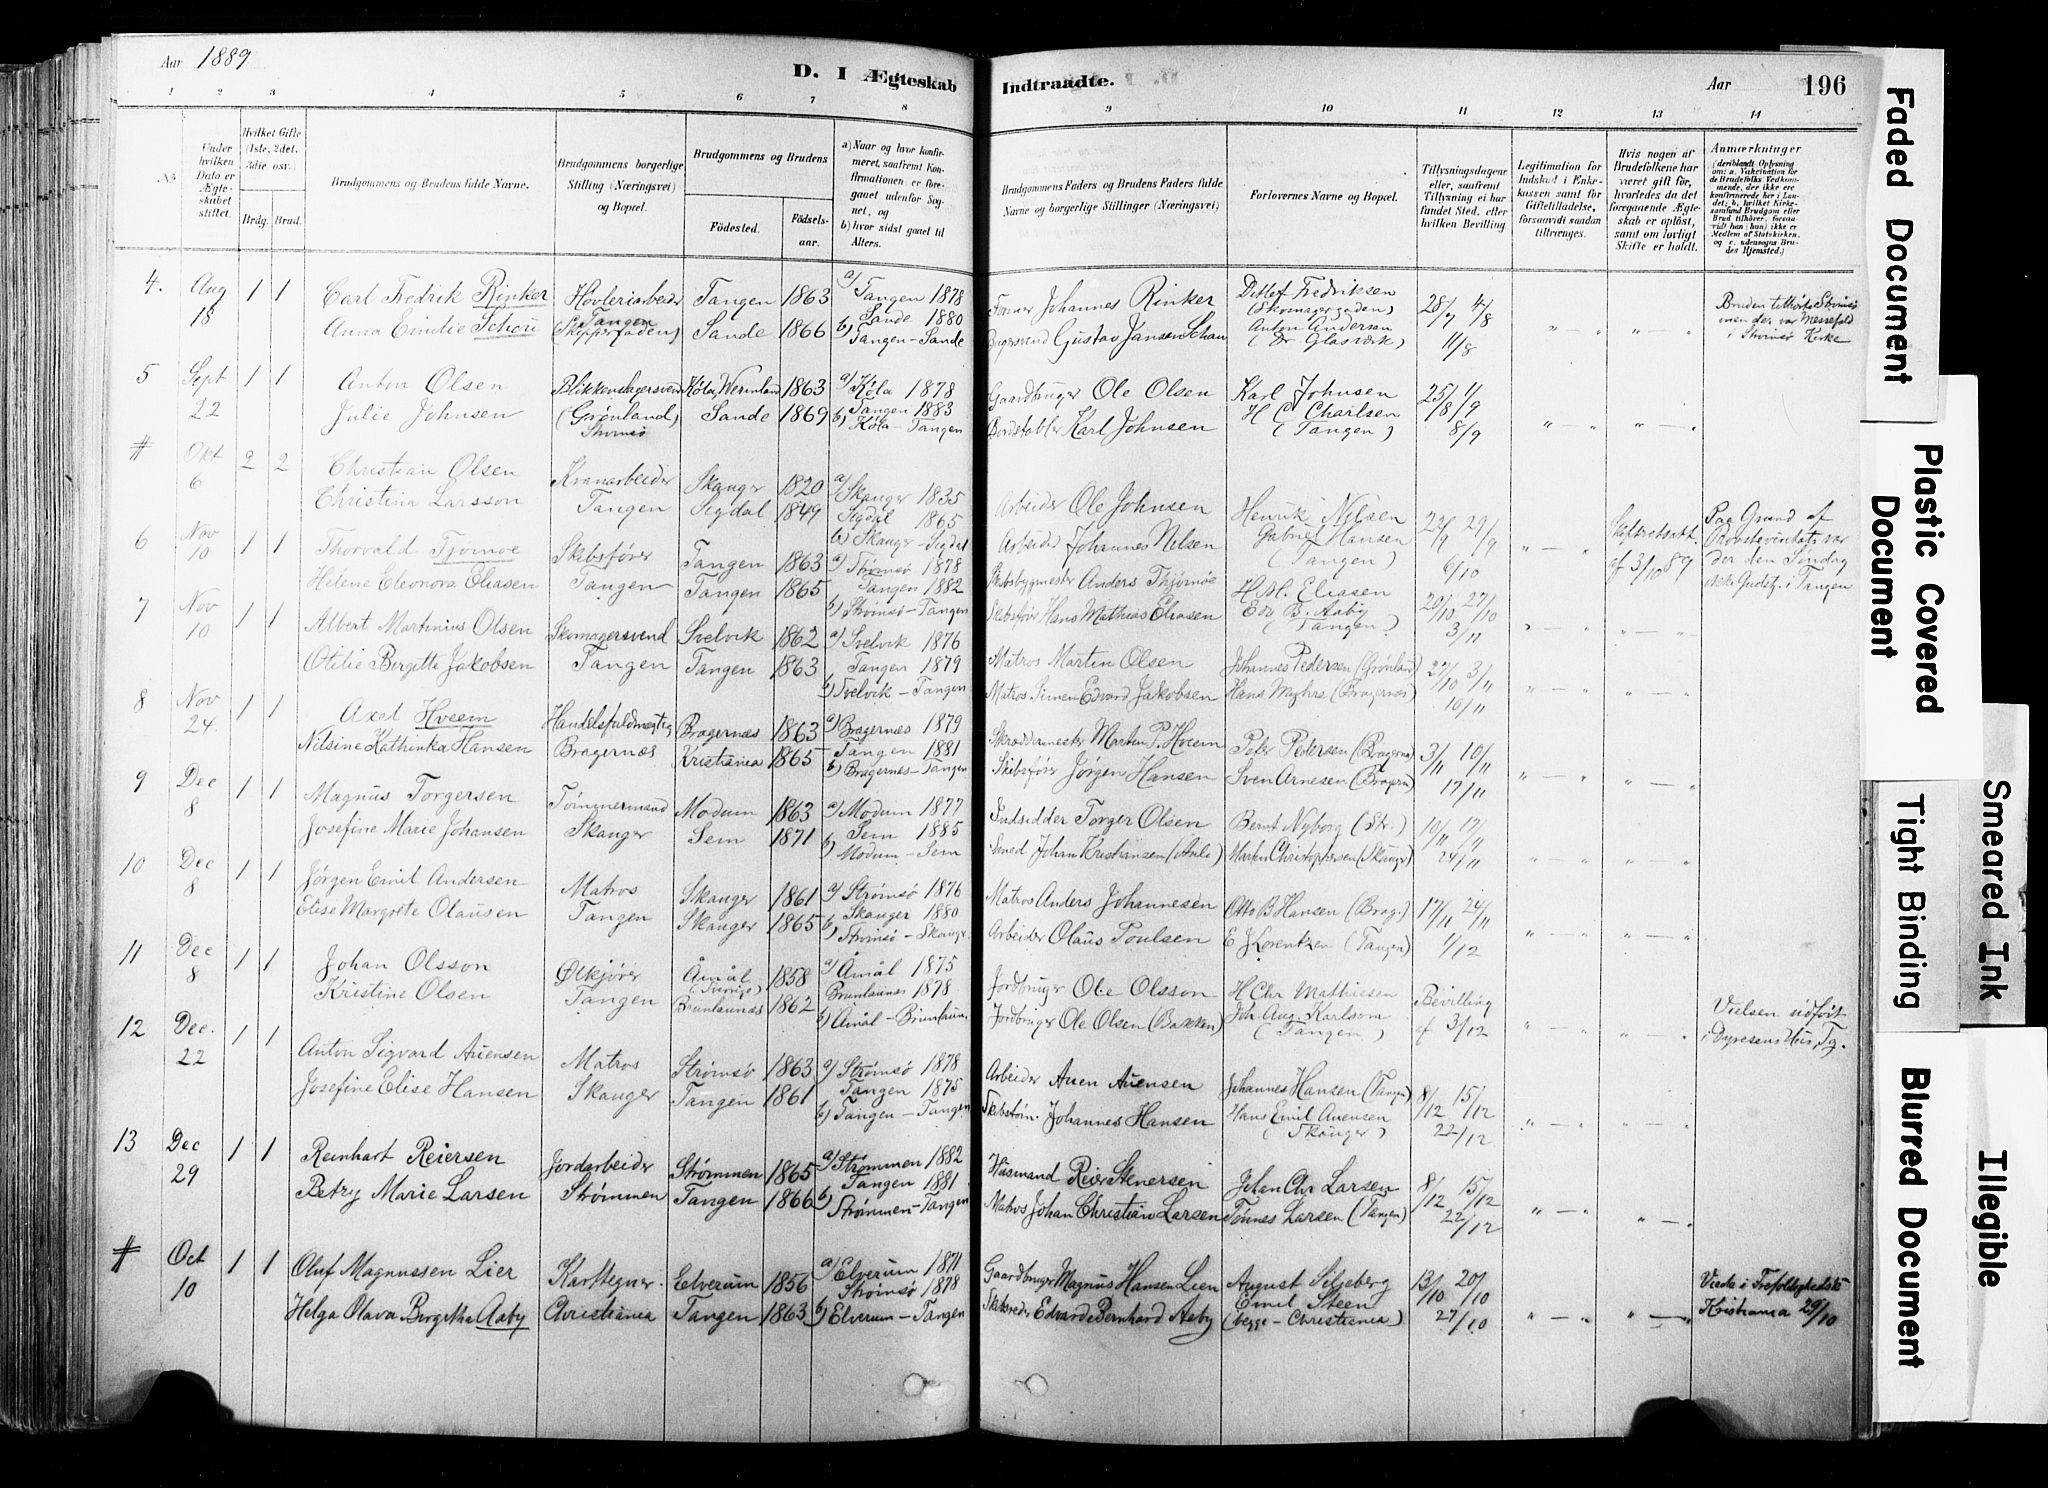 SAKO, Strømsø kirkebøker, F/Fb/L0006: Ministerialbok nr. II 6, 1879-1910, s. 196